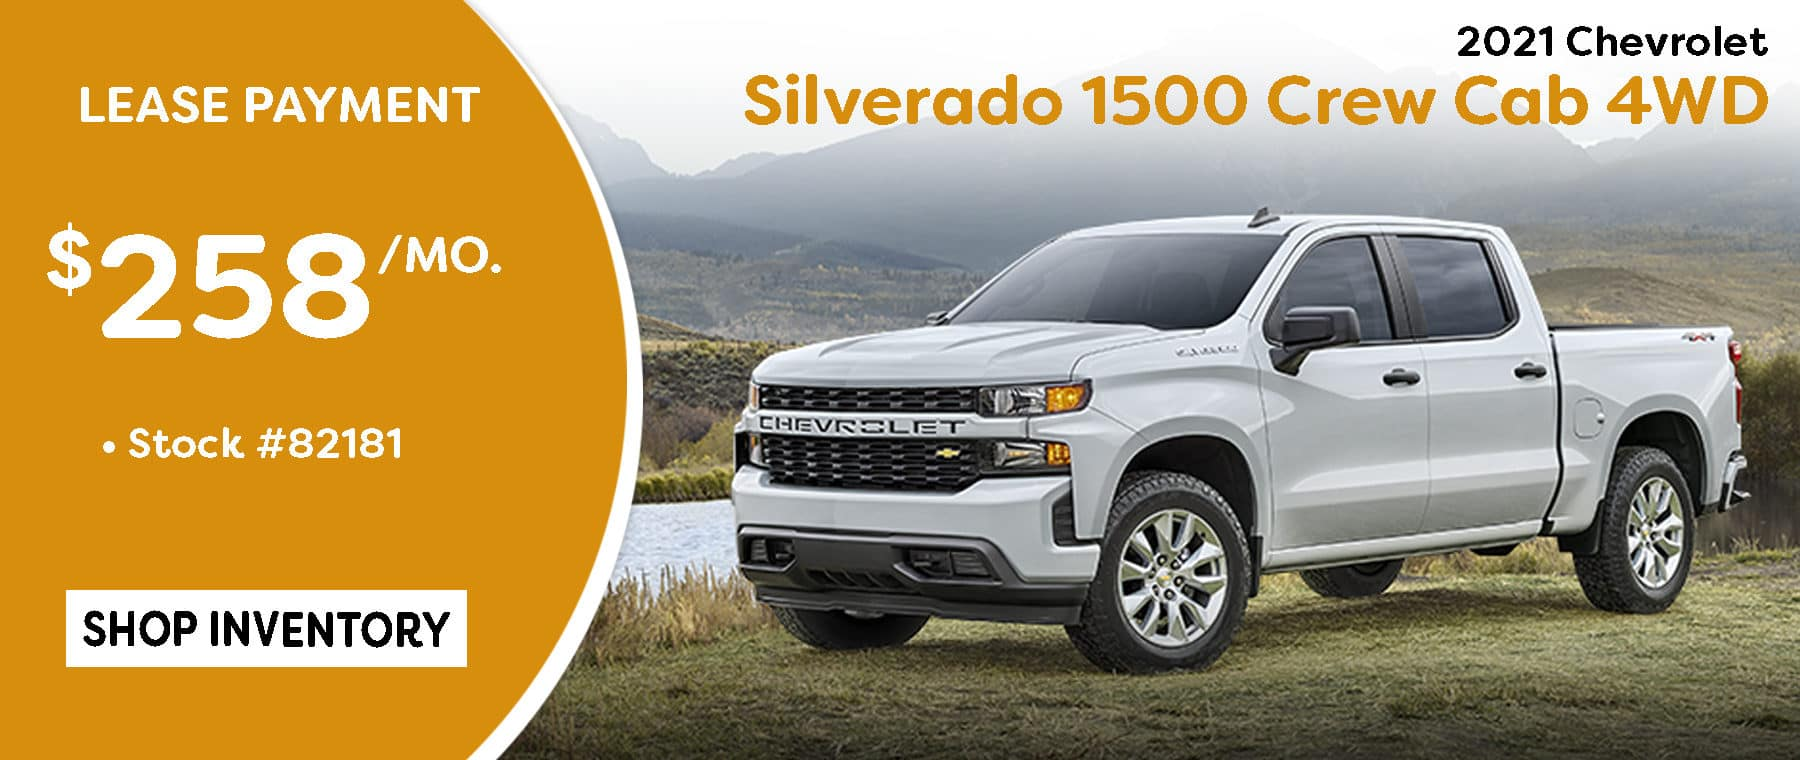 October 2021 Silverado Crew Cab LT Lease Special $258/mo*